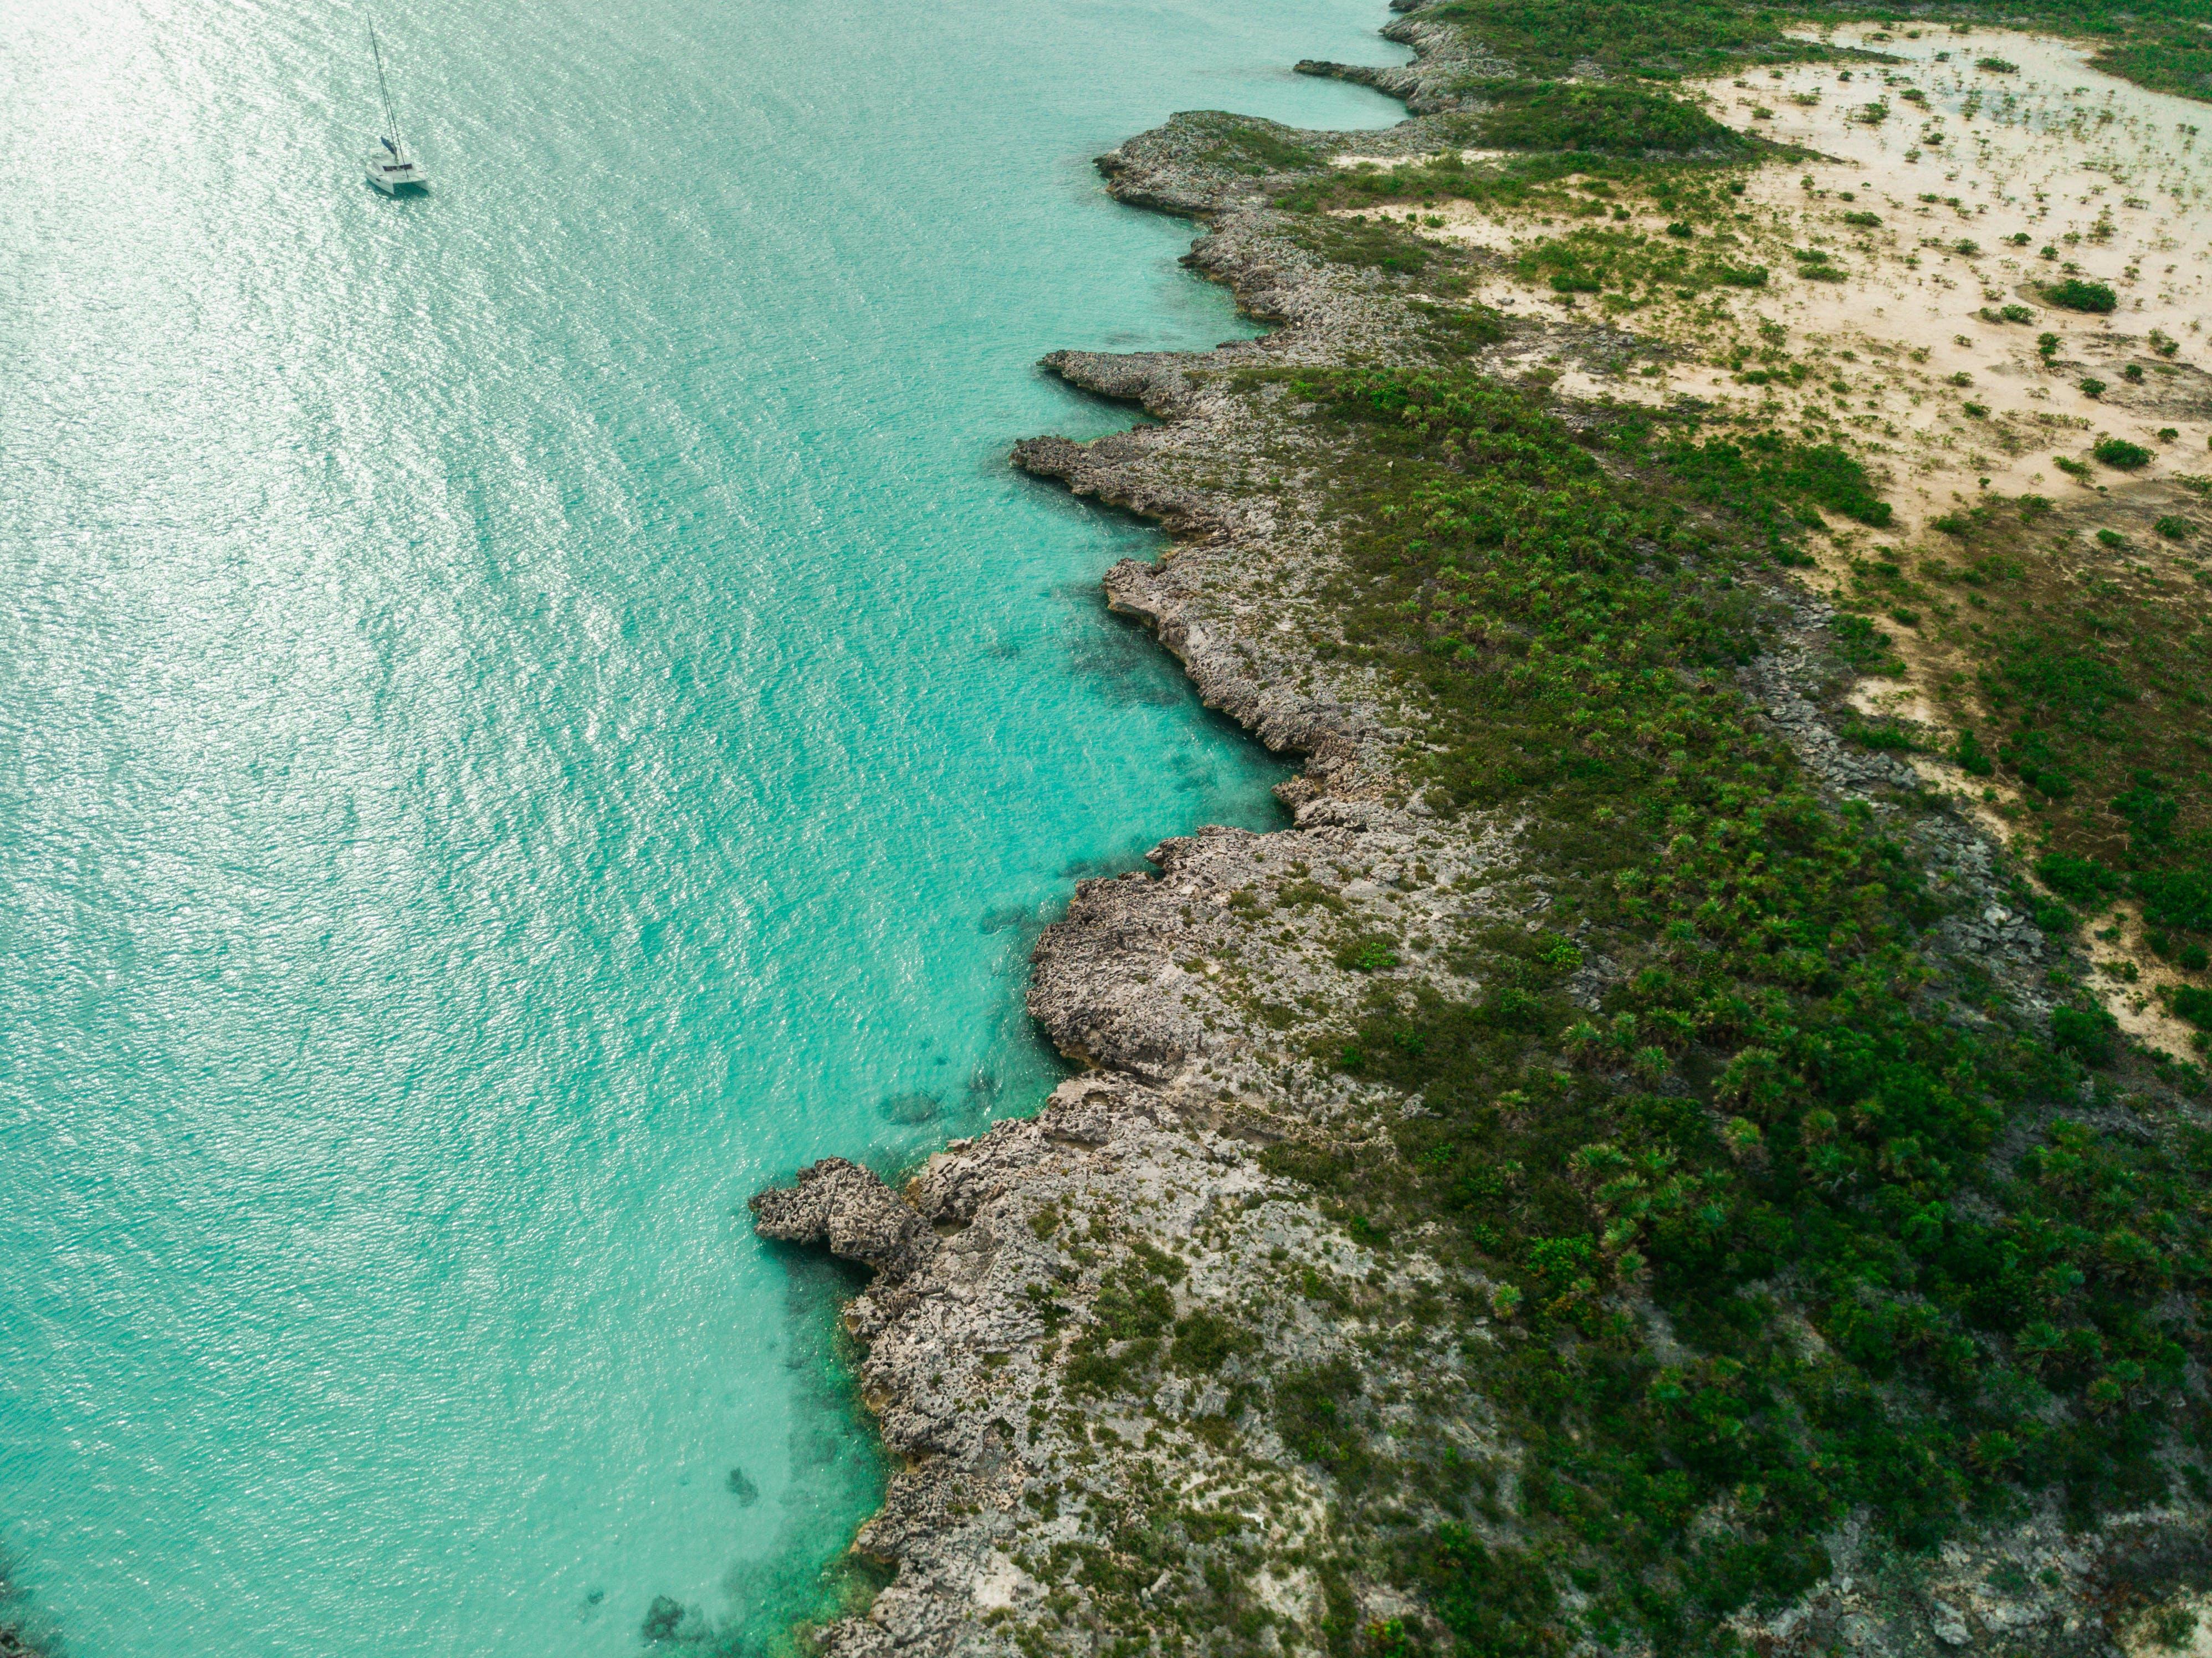 Δωρεάν στοκ φωτογραφιών με ακτή, αναψυχή, βράχια, γαλαζοπράσινος